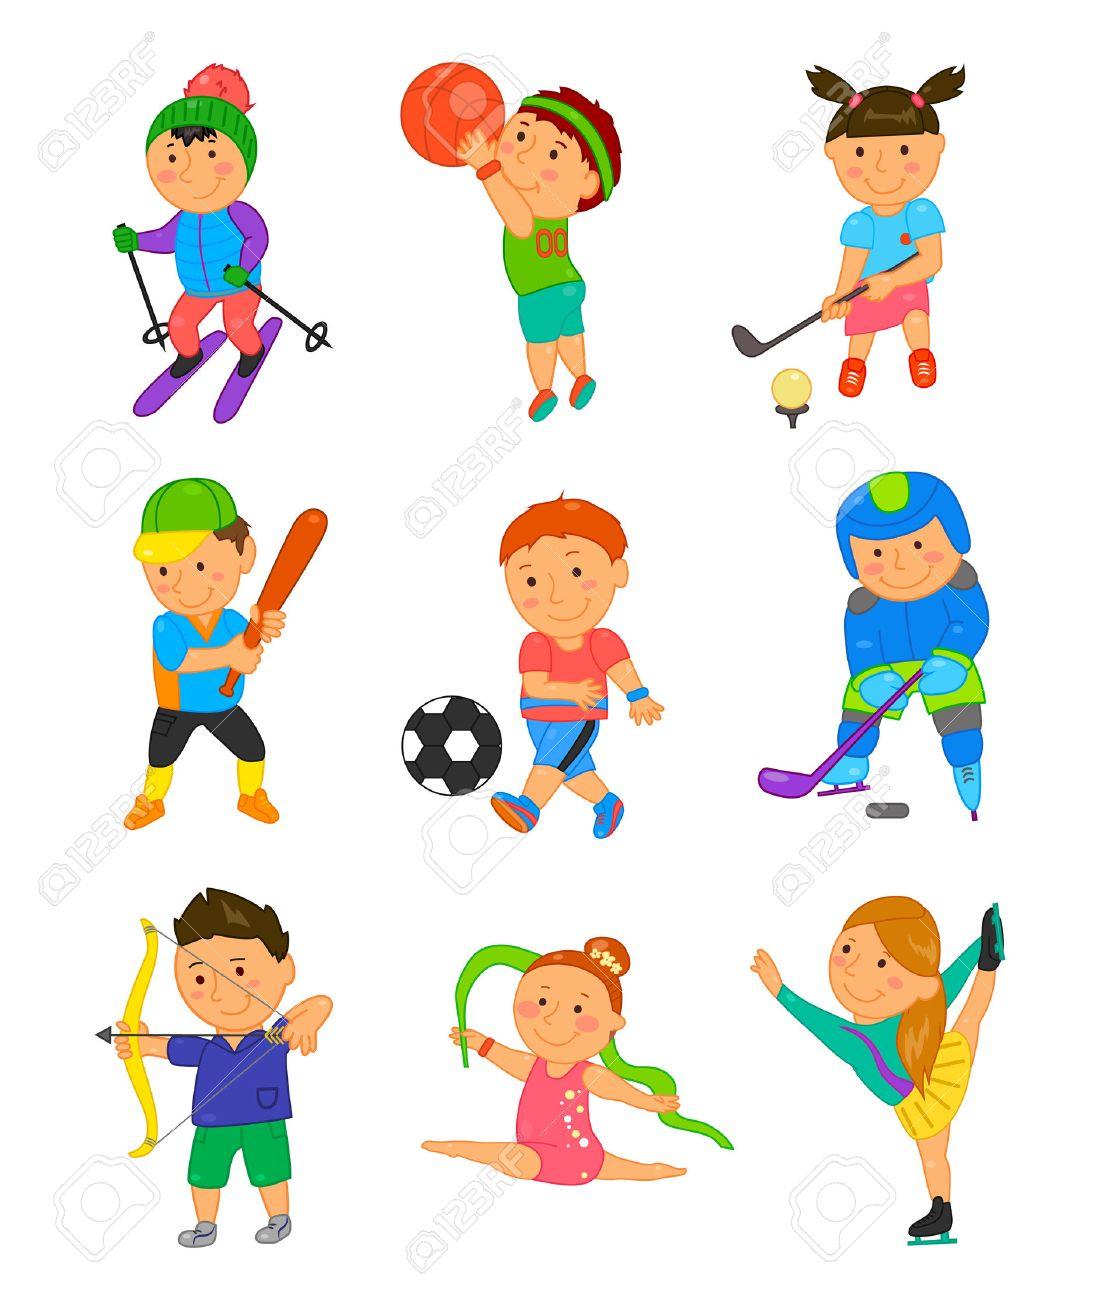 Sport Cartoon Enfants. Vector Illustration Pour La Conception De Jeux Pour  Enfants. Garçon, Fille Isolé Sur Fond Blanc. Set De Clip Enfant Art Mignon à Jeux Pour Garçon Et Fille